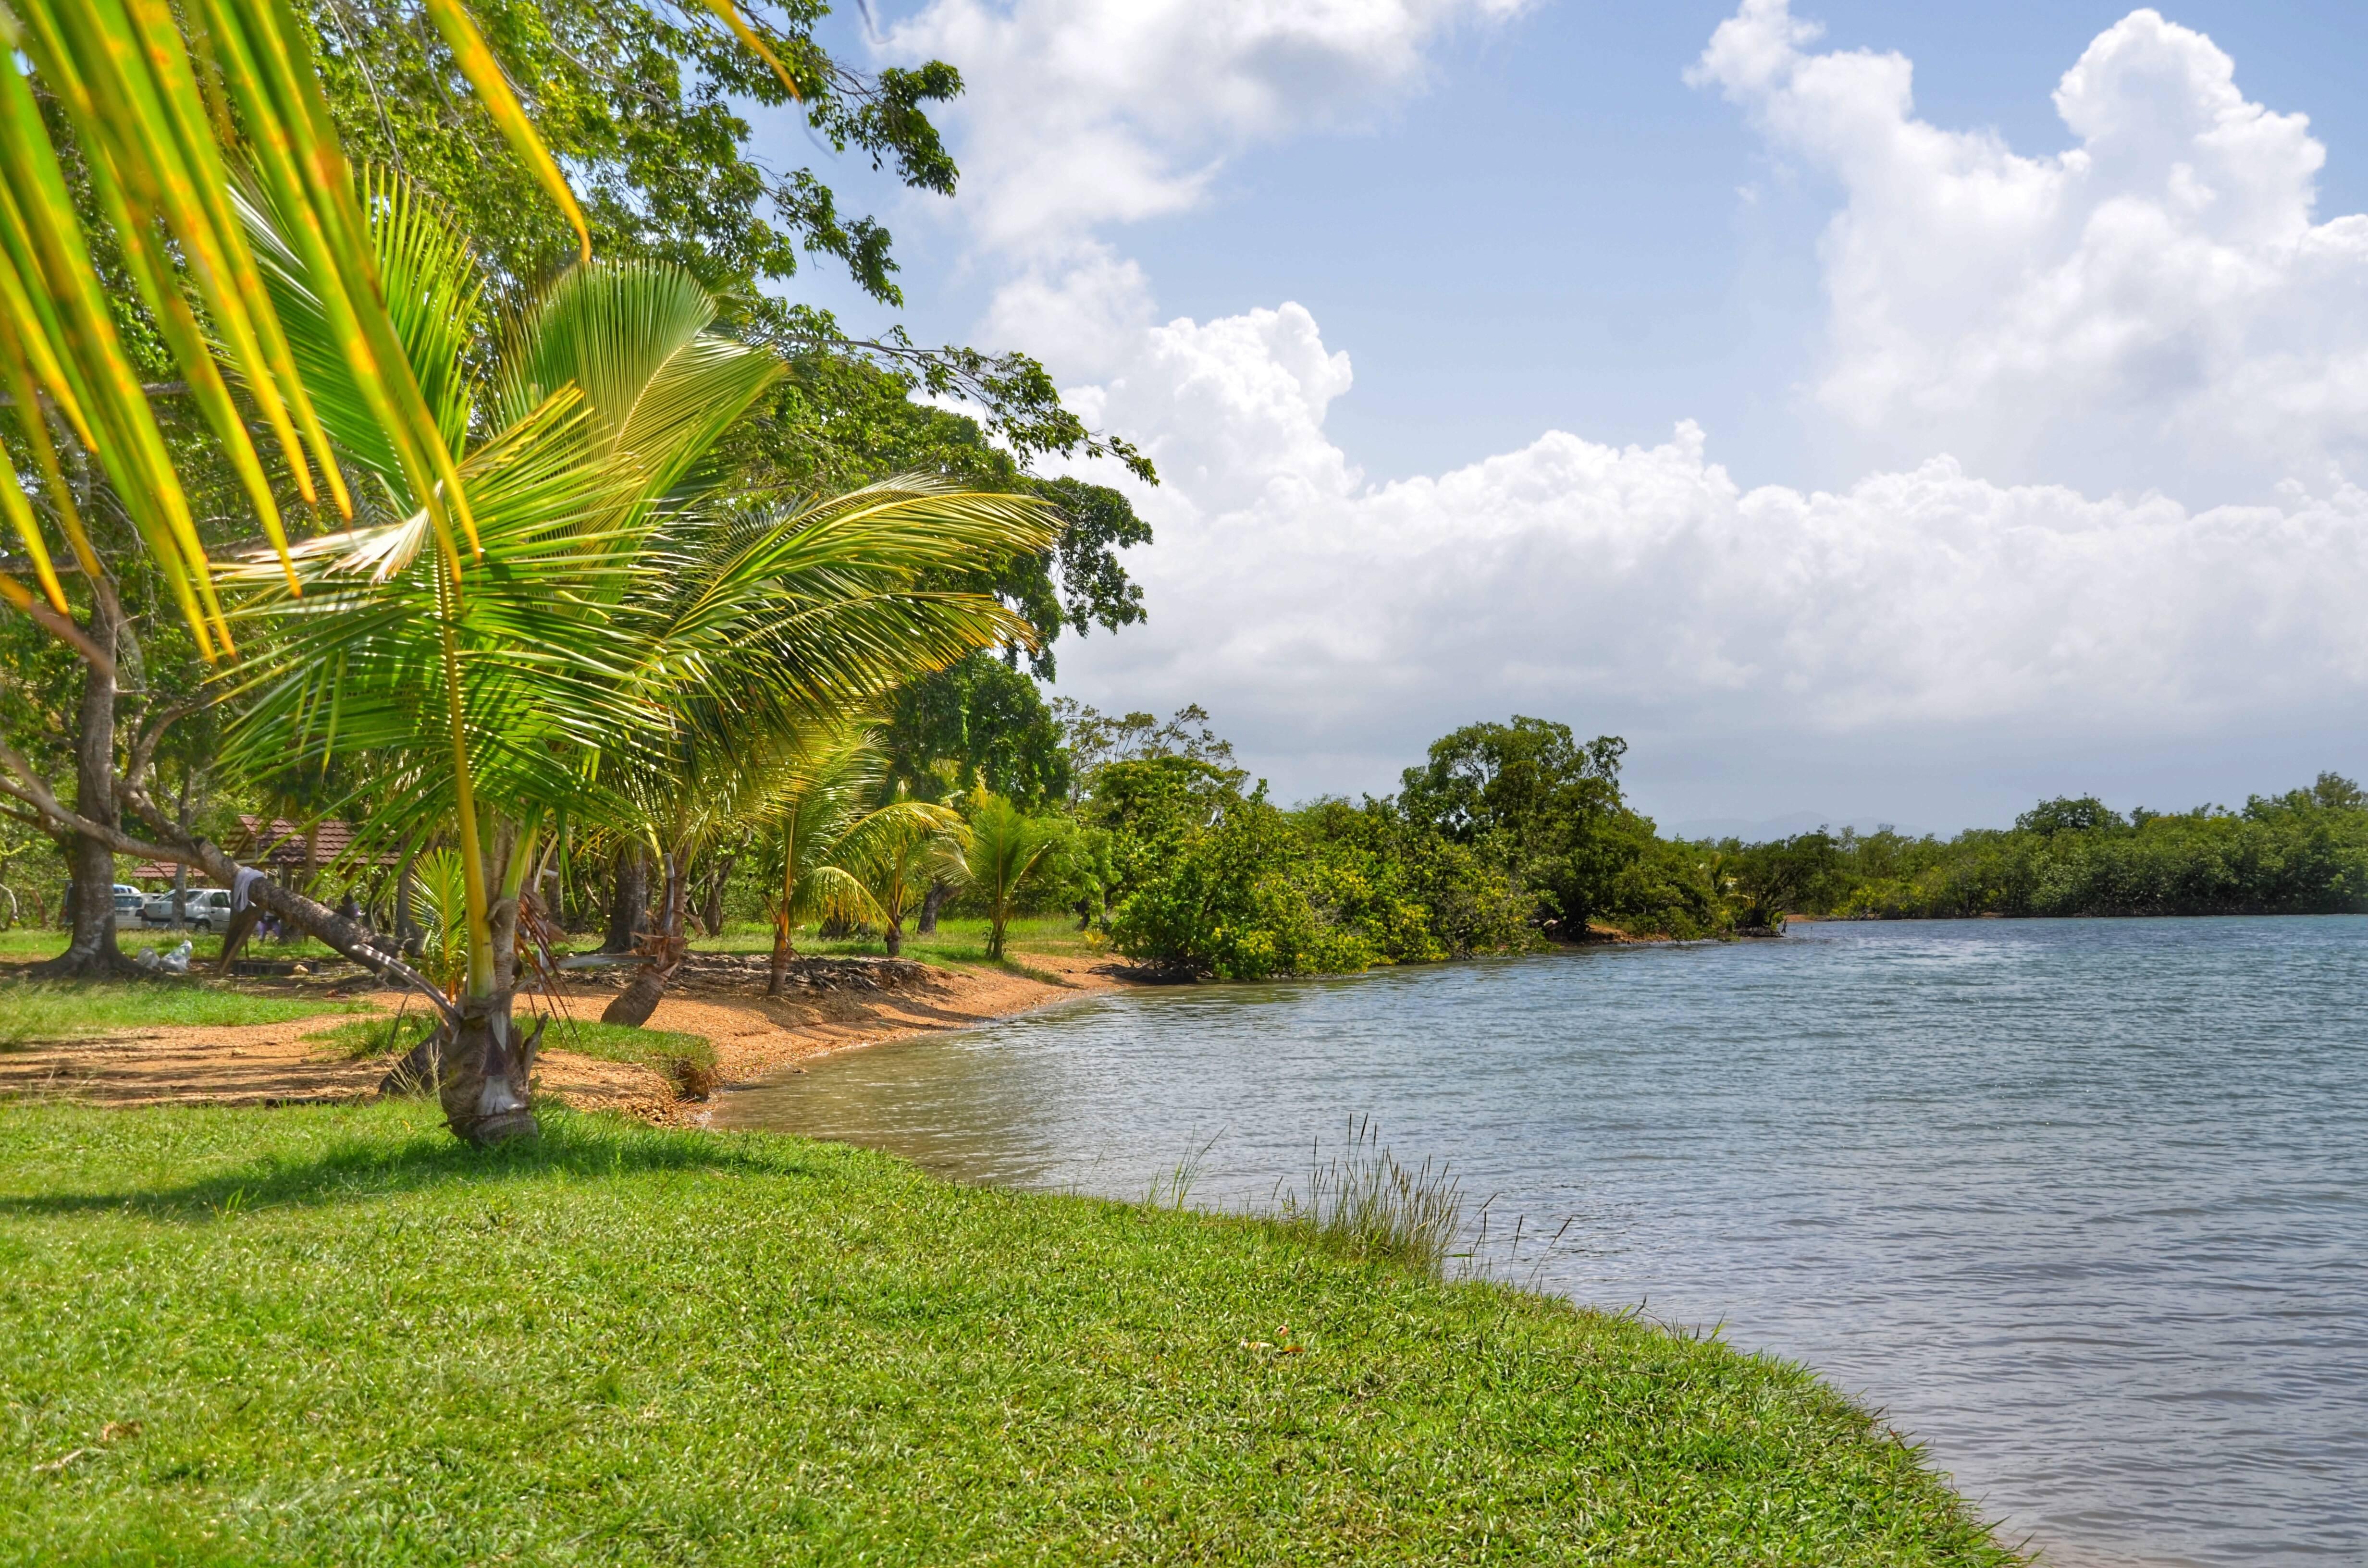 Photo 1: Petit Canal, rencontre entre la mangrove et la mer des Caraïbes !